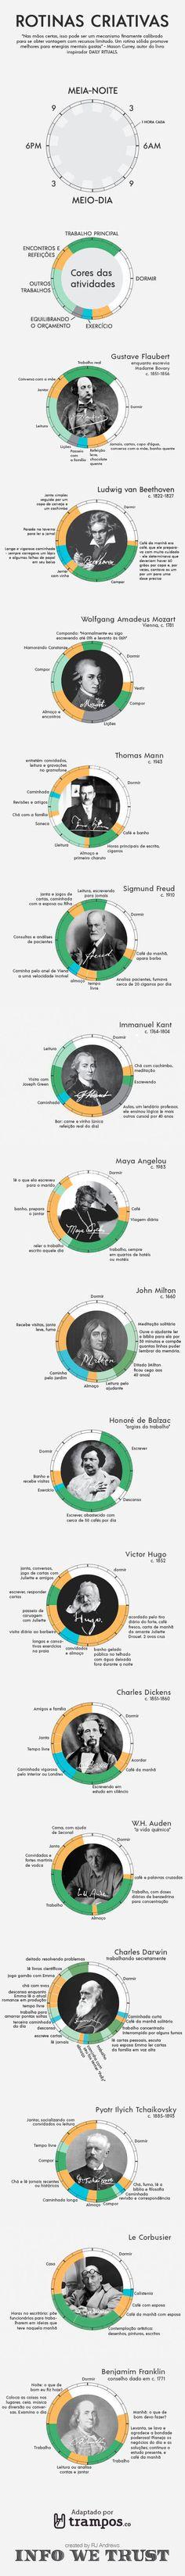 Infográfico: a rotina dos criativos mais famosos